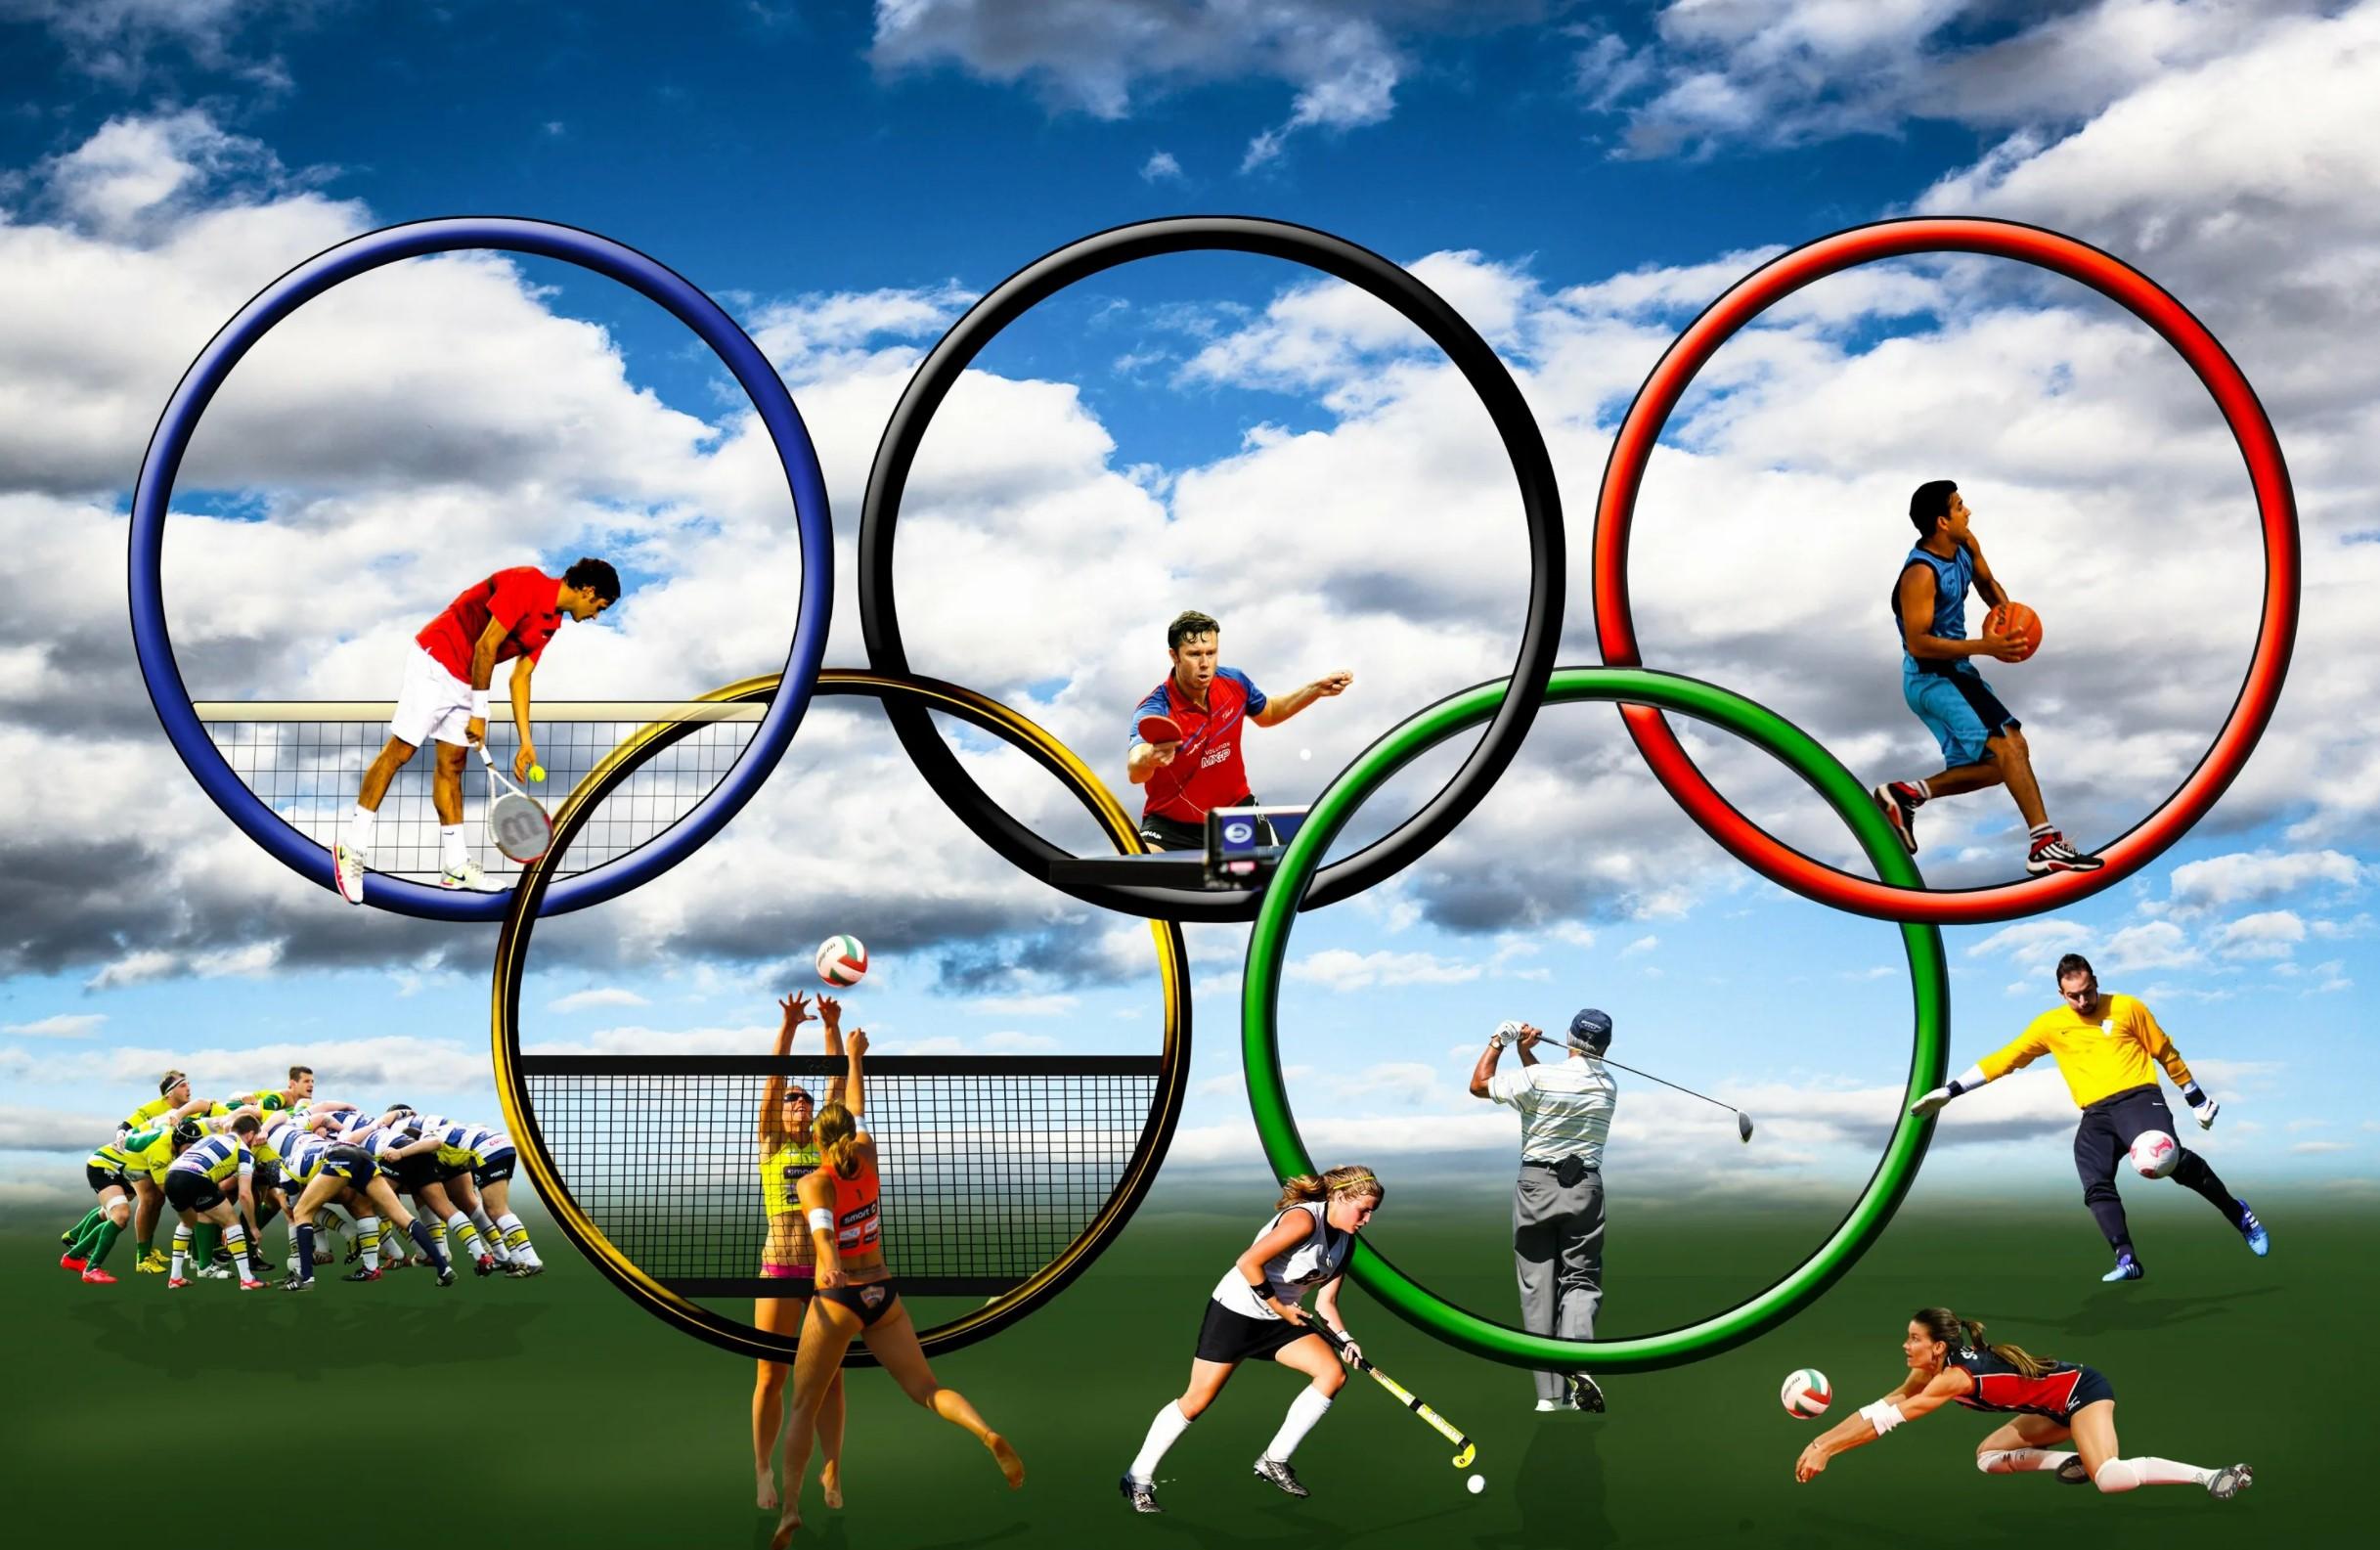 23 июля в Токио откроется Олимпиада